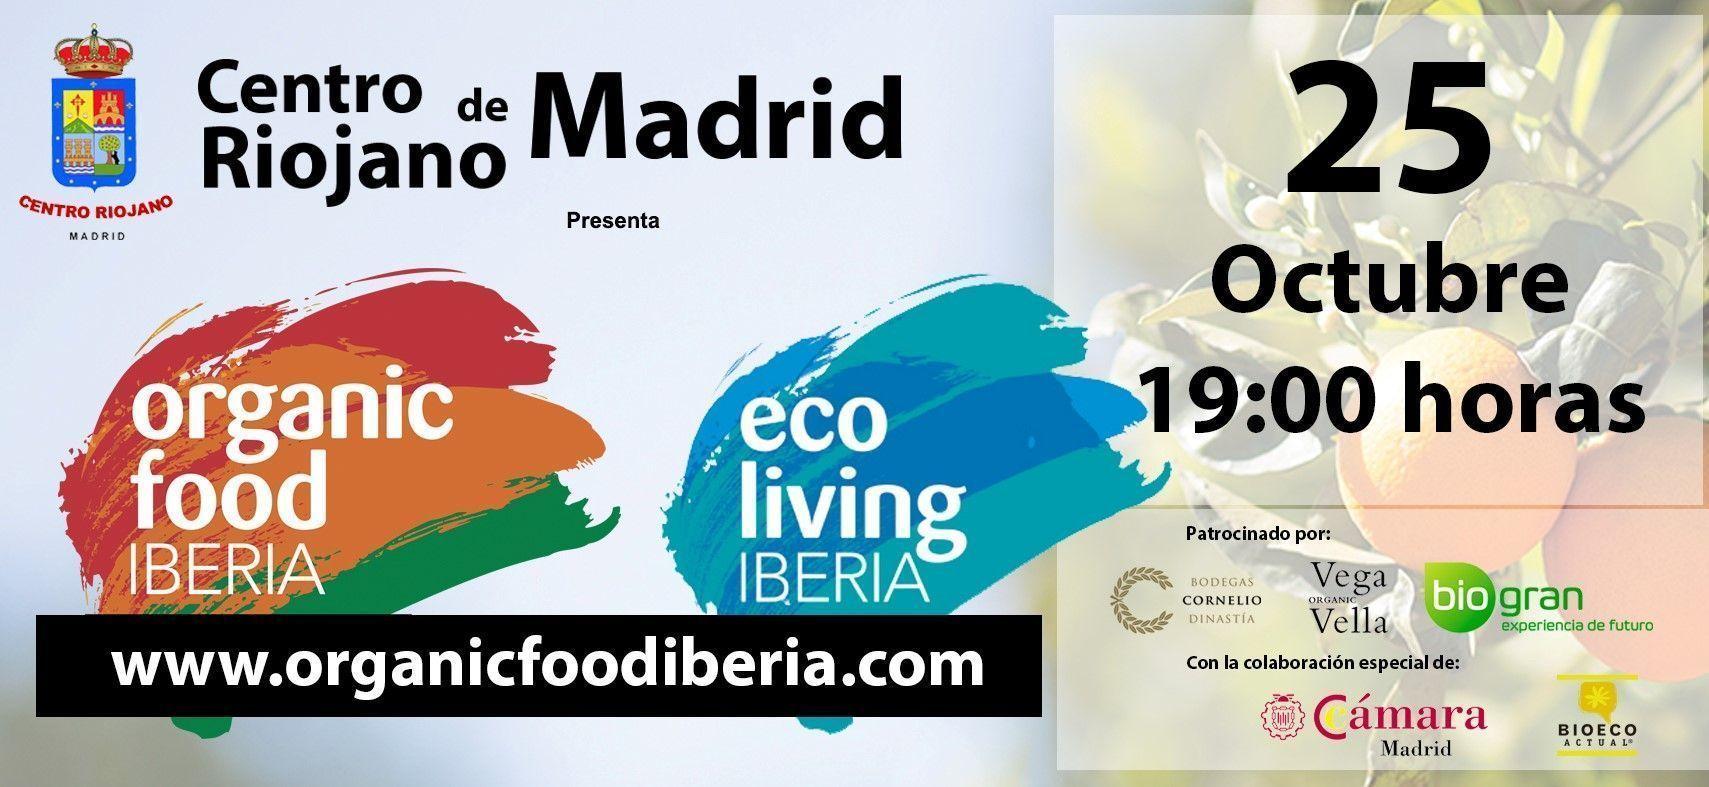 Se presenta Organic Food Iberia 2019 ¡Bienvenido a la región ecológica más grande de Europa!